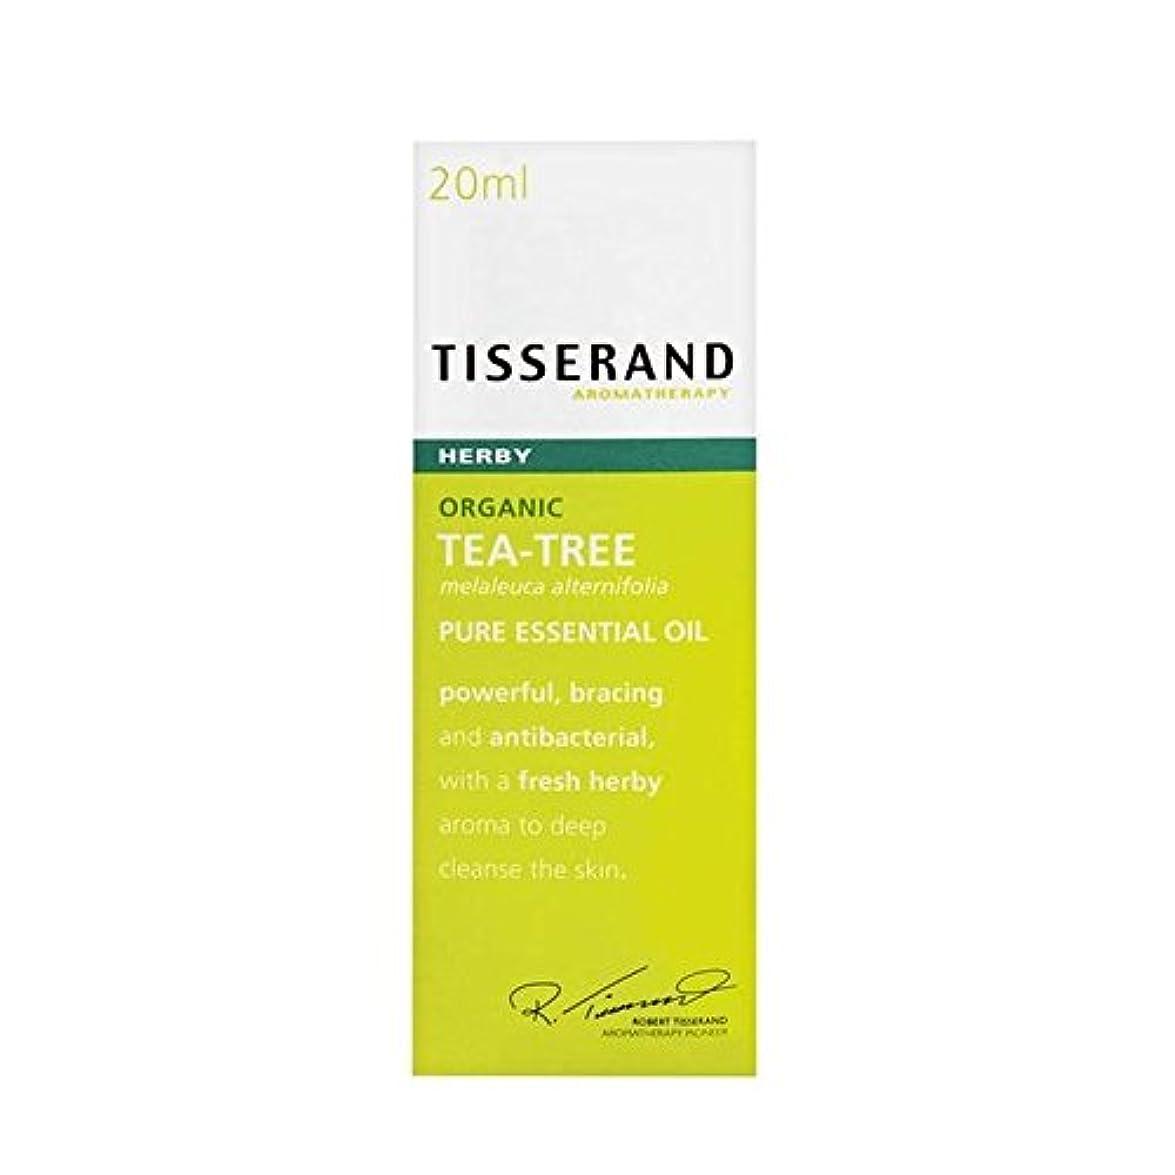 心からダメージ静かなティスランドティーツリーオーガニックピュアエッセンシャルオイル20ミリリットル x4 - Tisserand Tea Tree Organic Pure Essential Oil 20ml (Pack of 4) [並行輸入品]